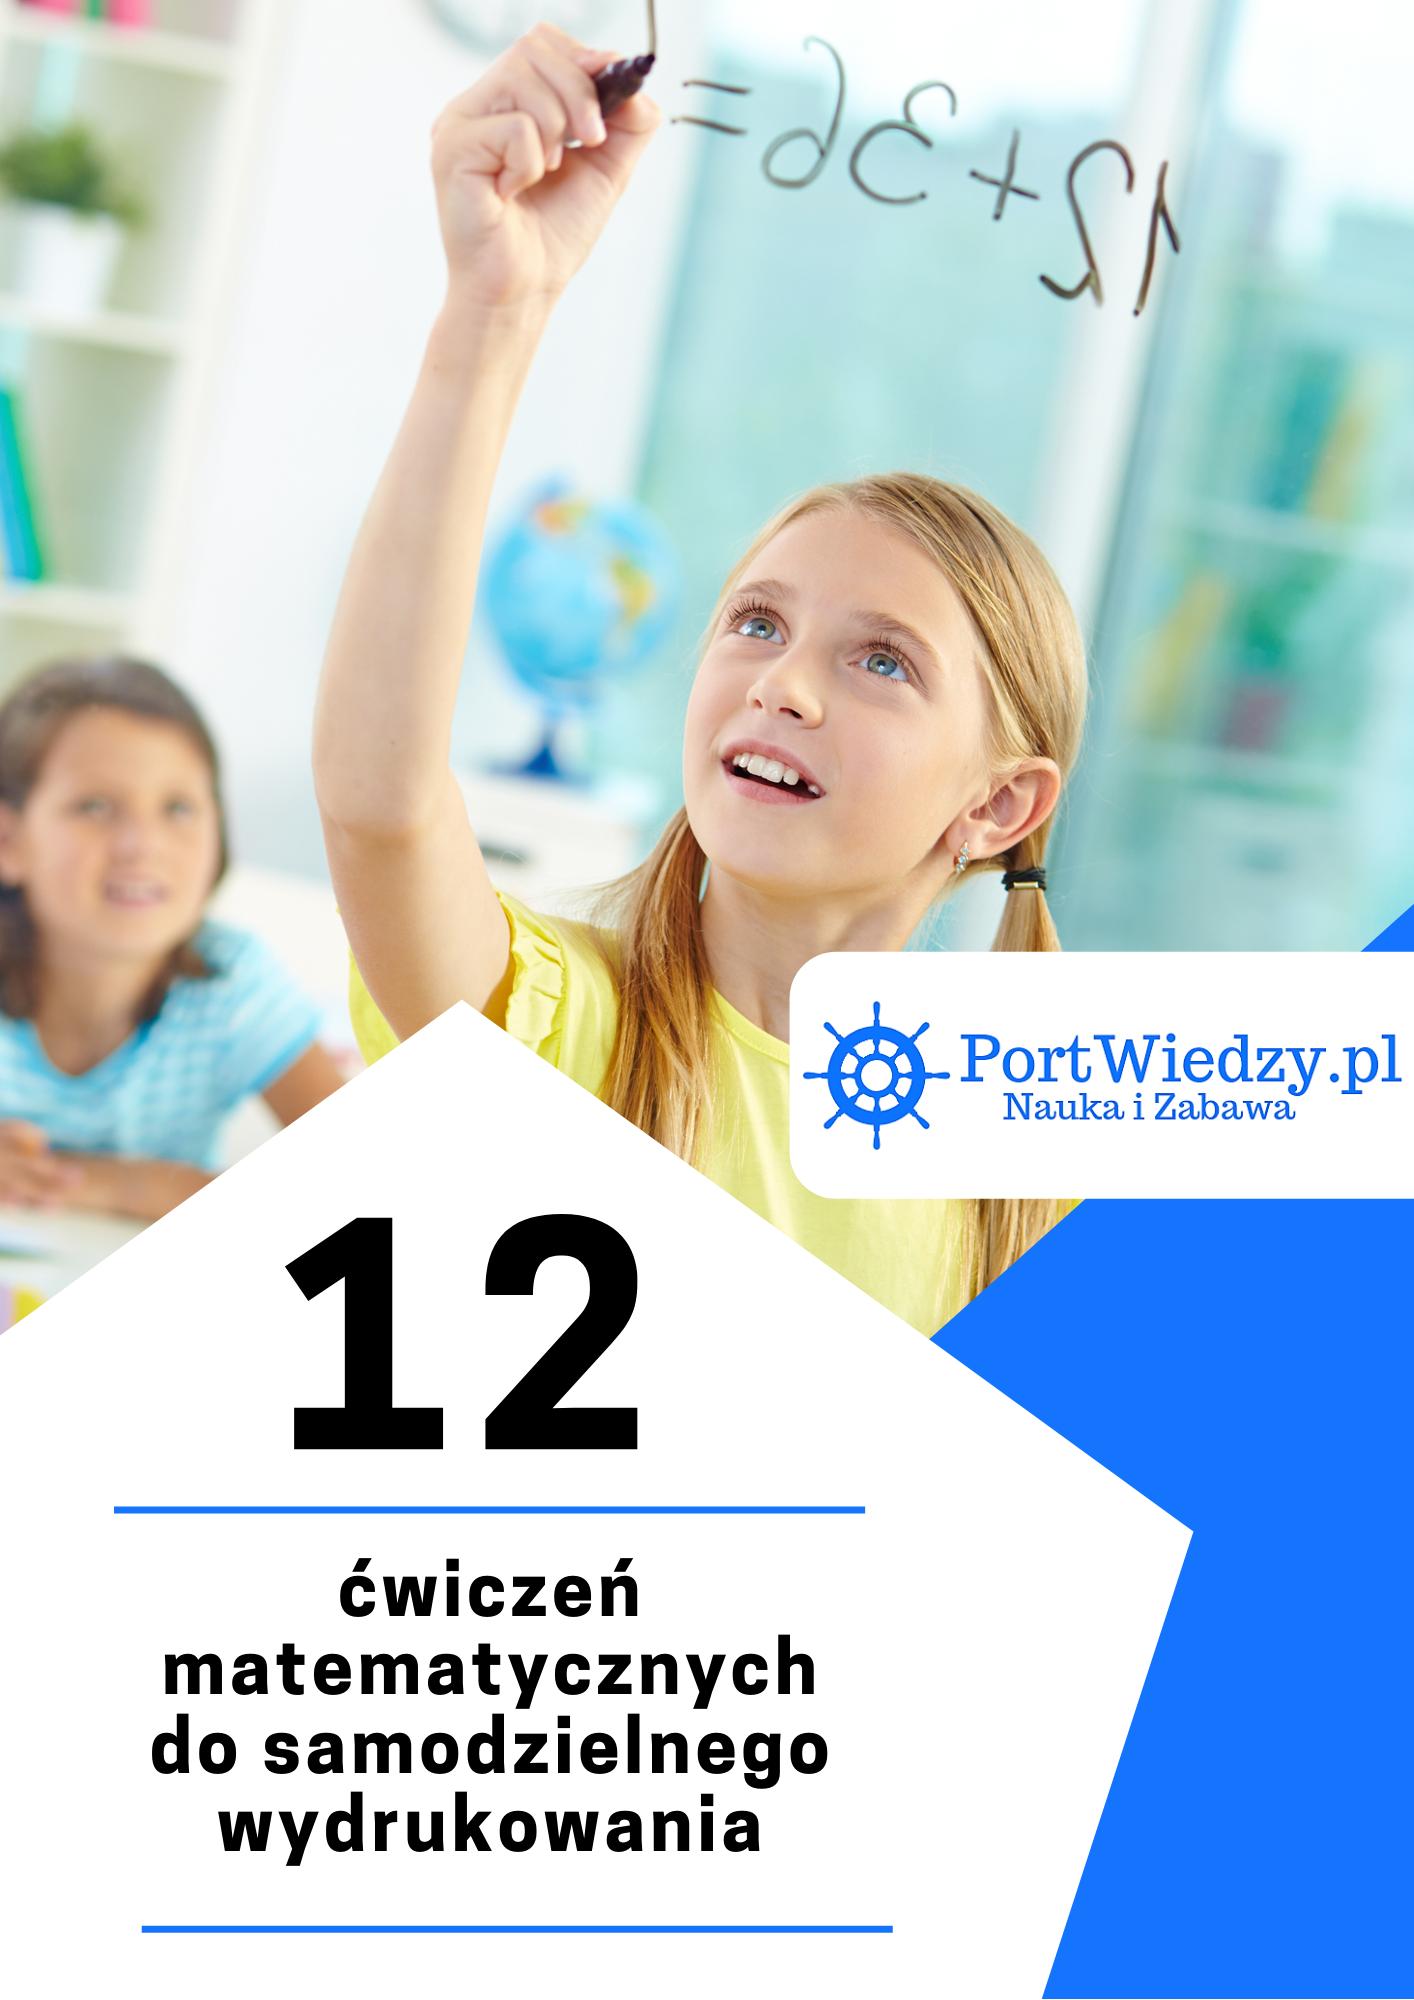 zadania matematyczne okladka - zadania_matematyczne_okladka